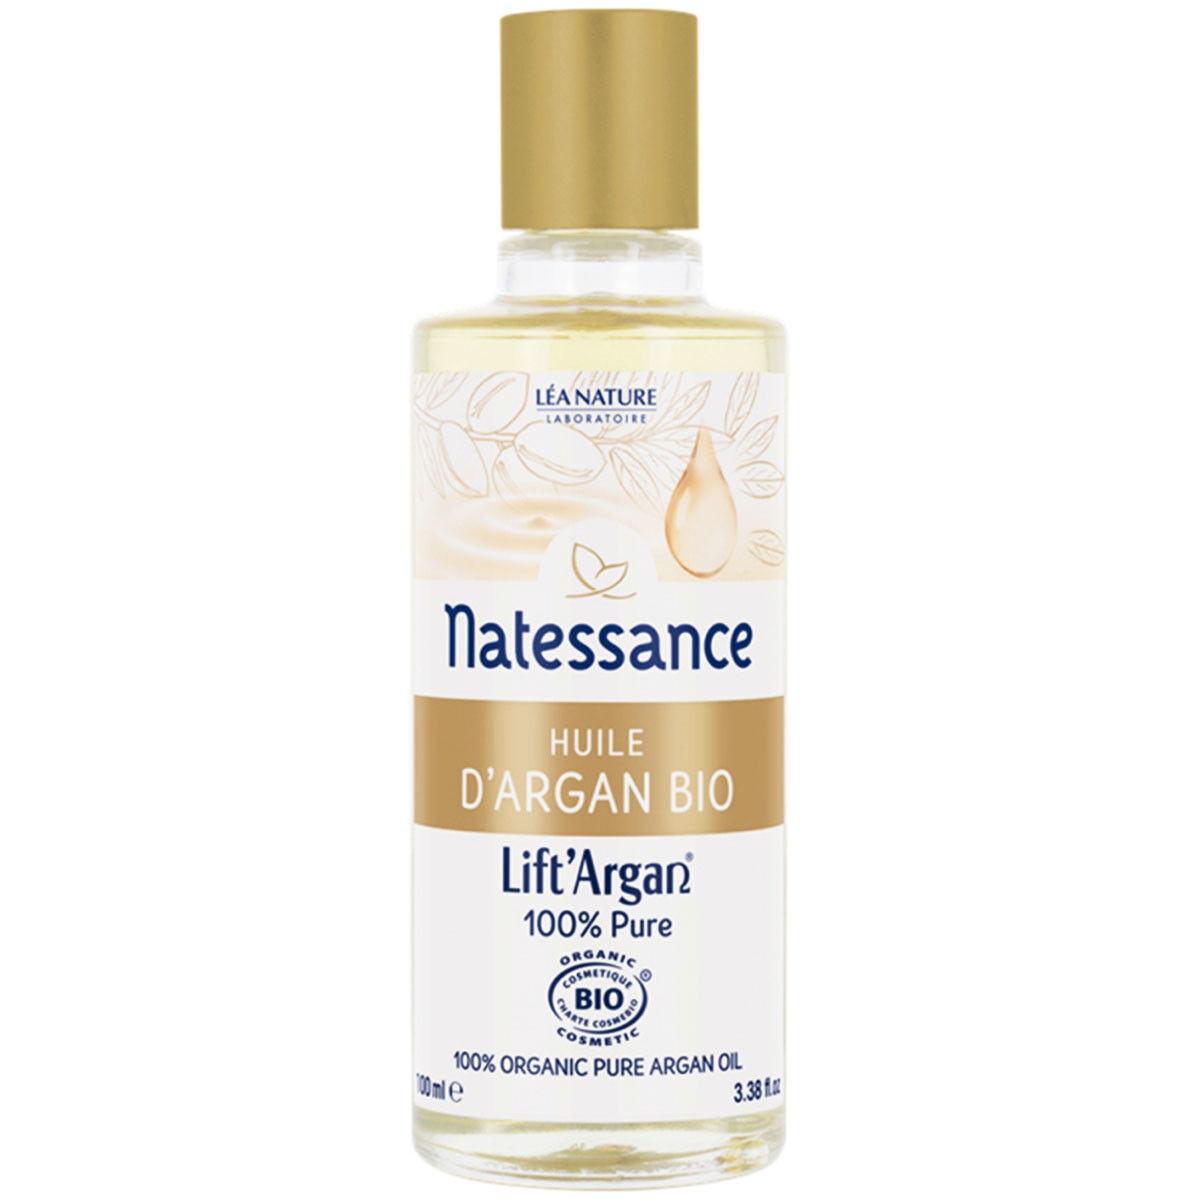 LIFT'ARGAN Lift argan huile d'argan 100% pure 100ml